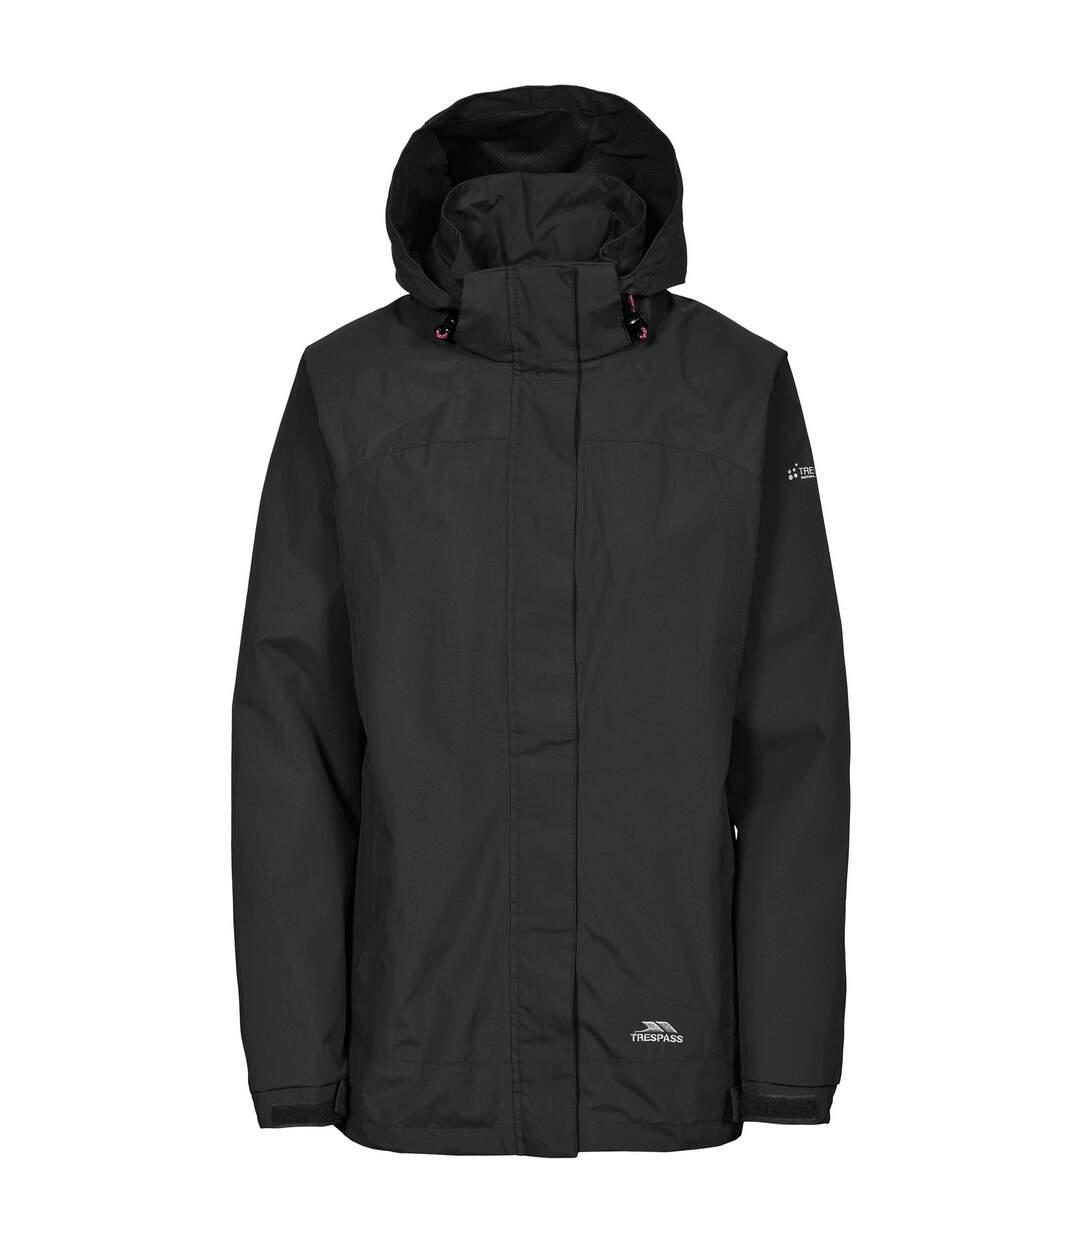 Trespass Womens/Ladies Nasu II Waterproof Shell Jacket (Black) - UTTP3377